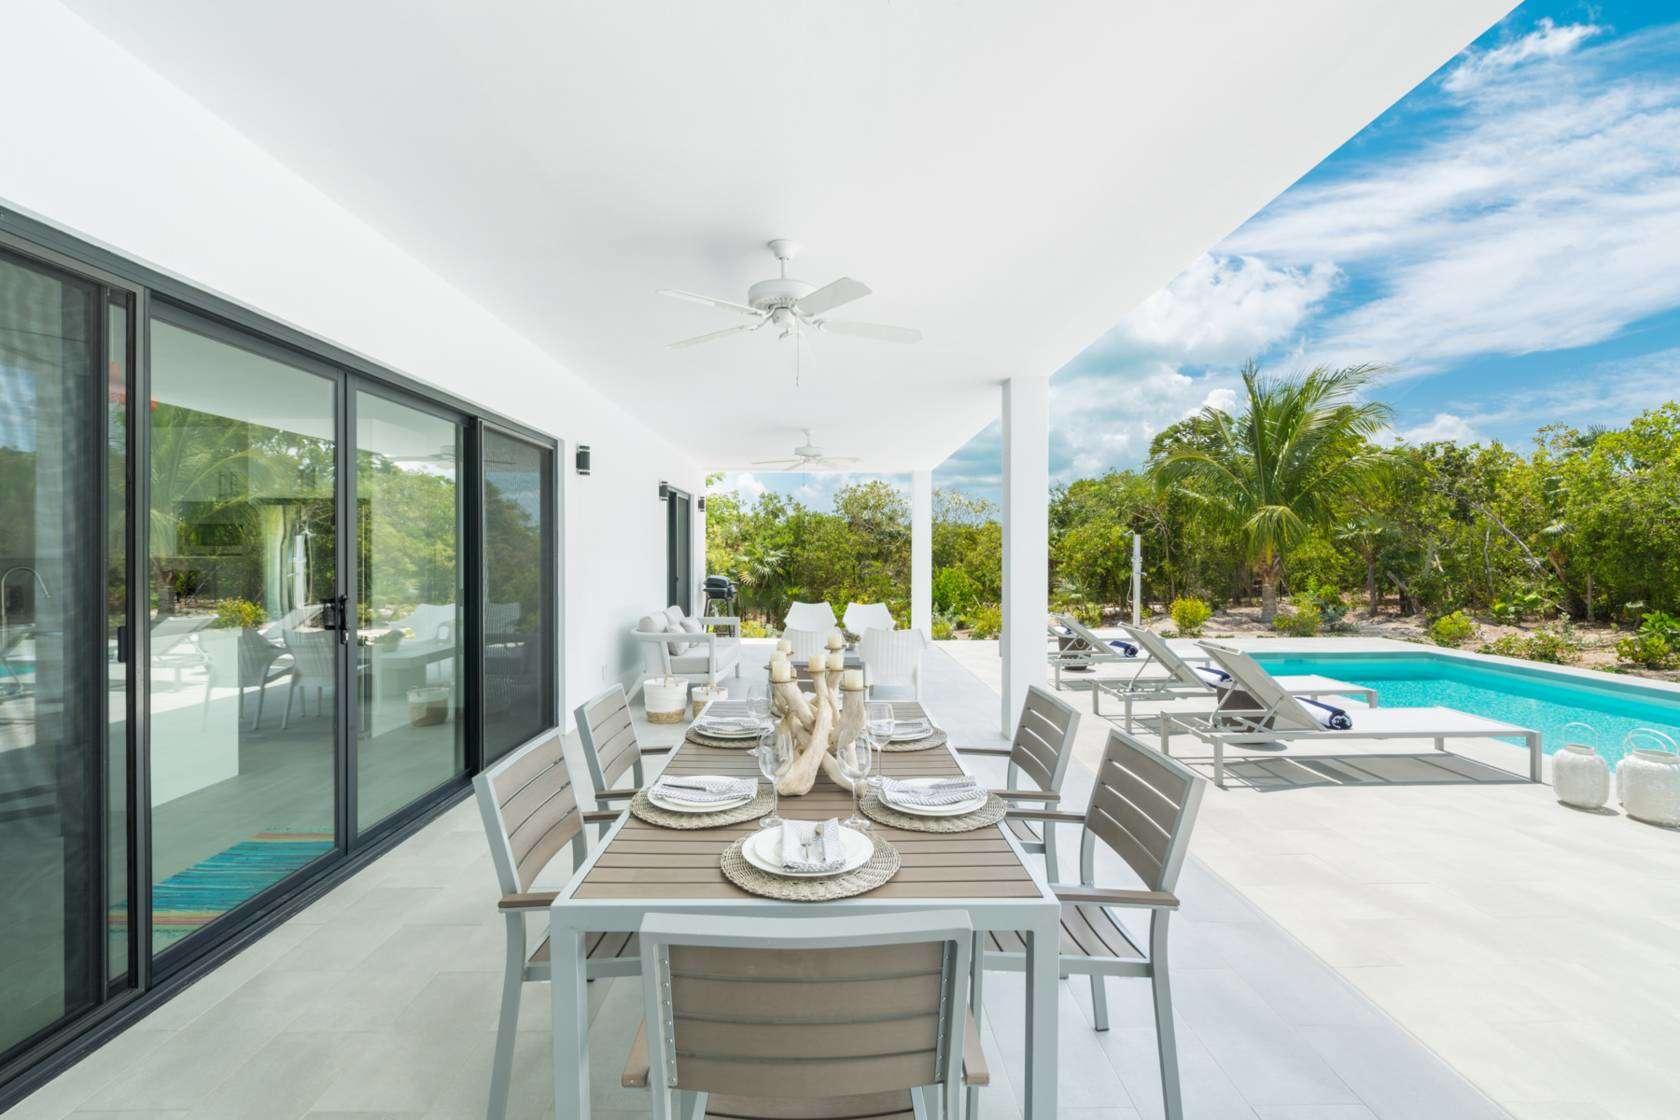 Luxury villa rentals caribbean - Turks and caicos - Providenciales - Grace bay - Tradewinds Villa - Image 1/16